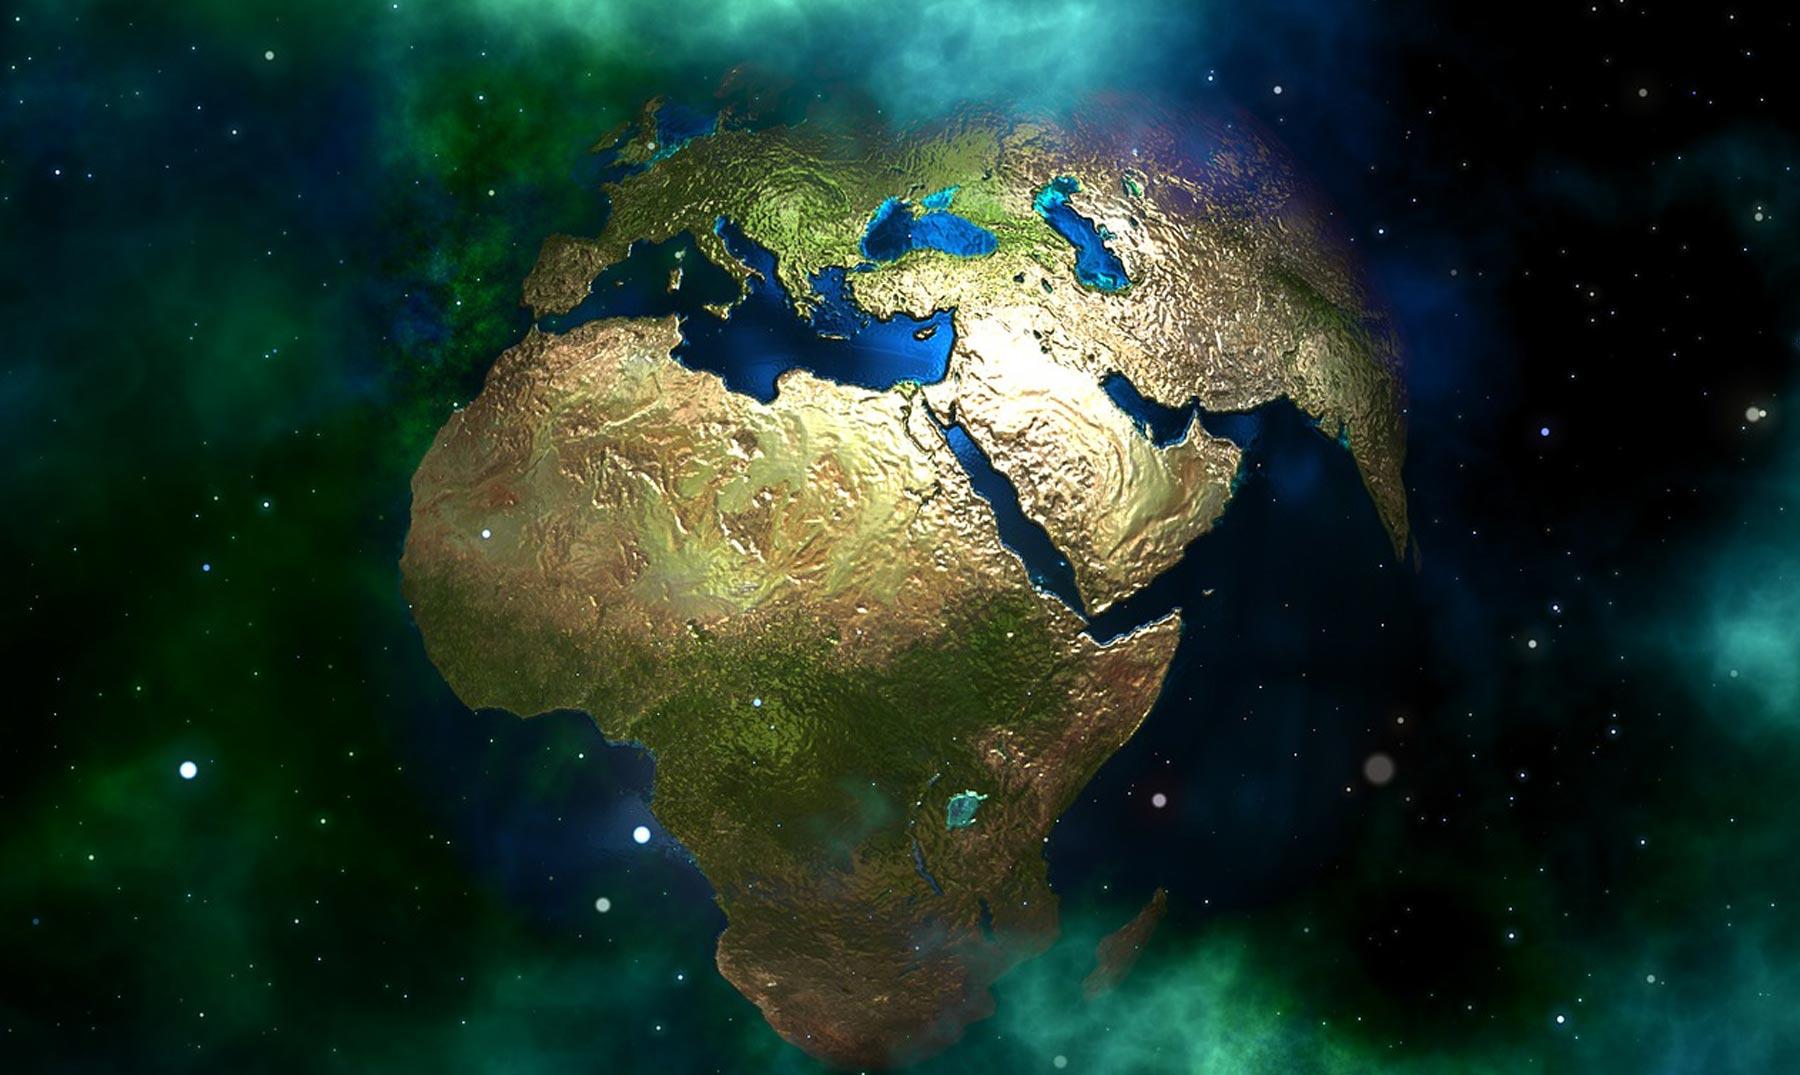 ¿Nuestro planeta se revela?